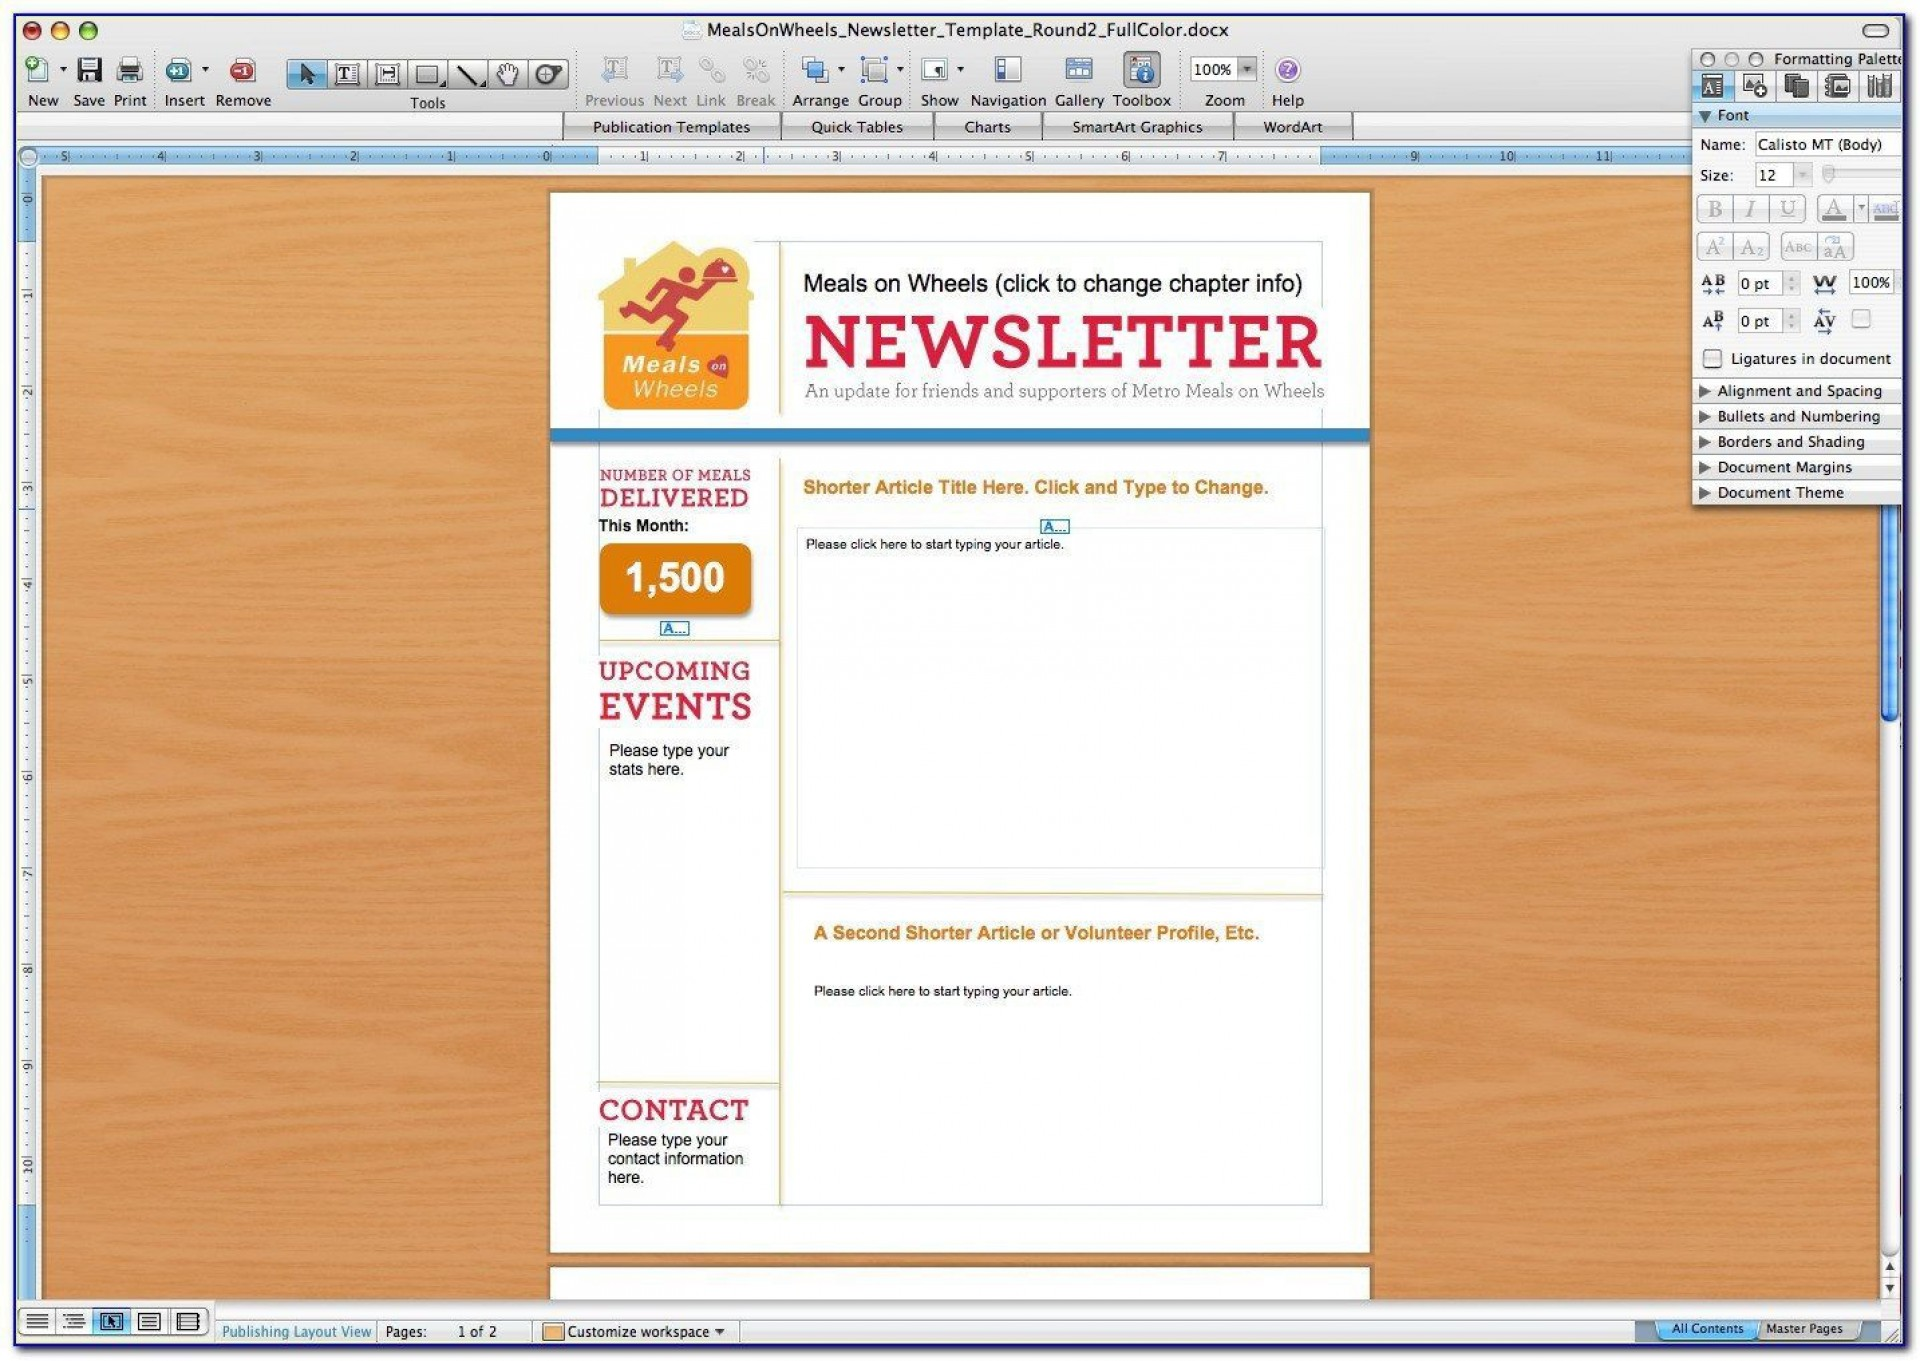 008 Singular Free Newsletter Template For Word 2010 Design 1920